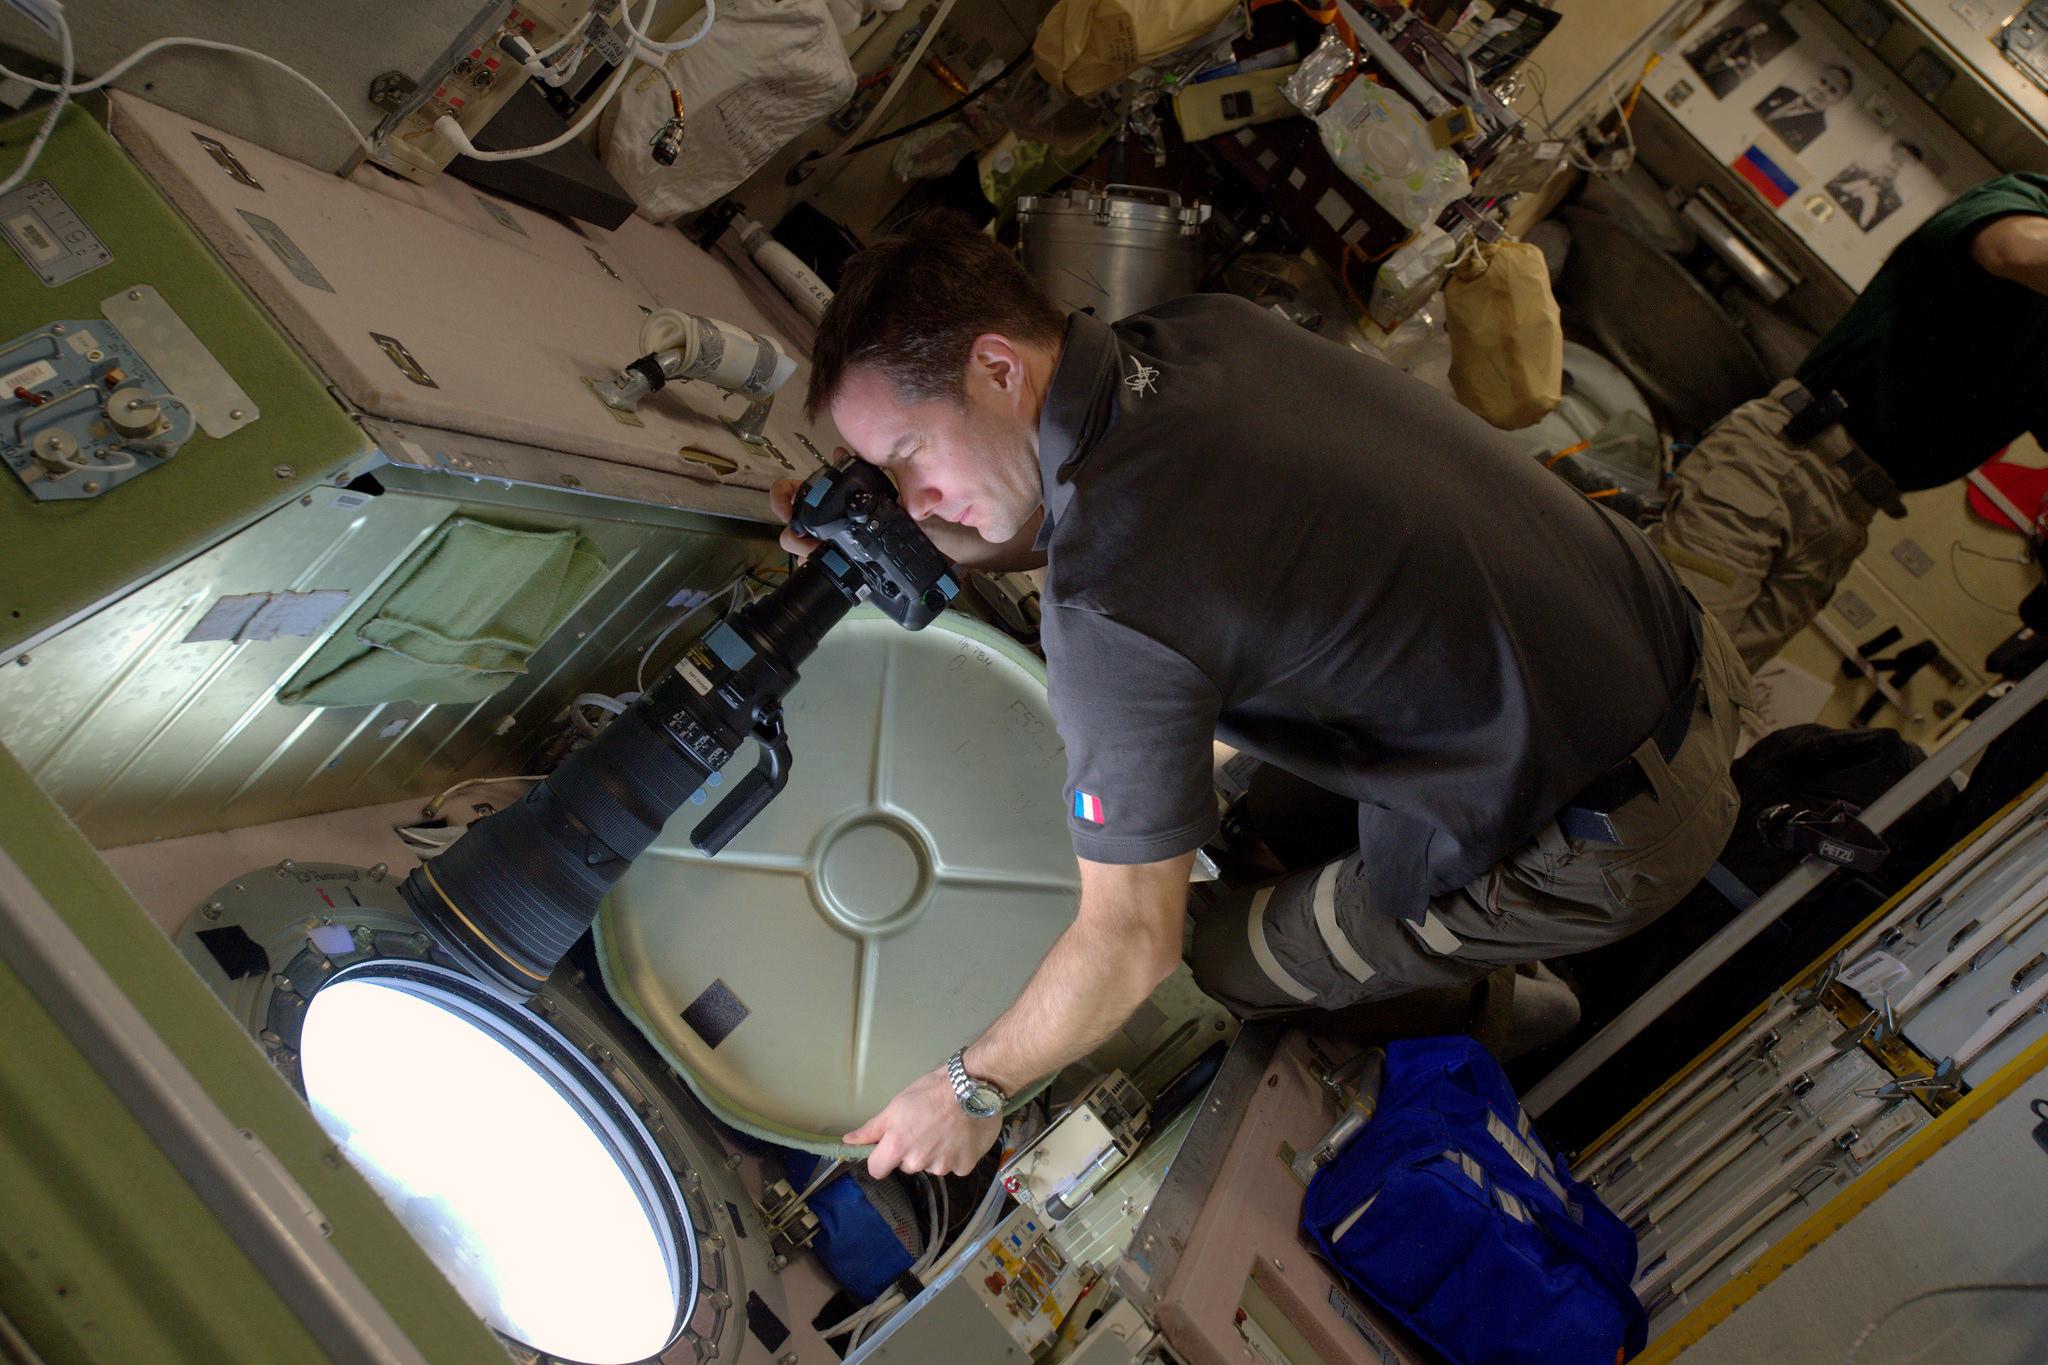 L'astronaute de l'Agence spatiale européenne Thomas Pesquet prend des photos à travers une fenêtre de la Station spatiale internationale.